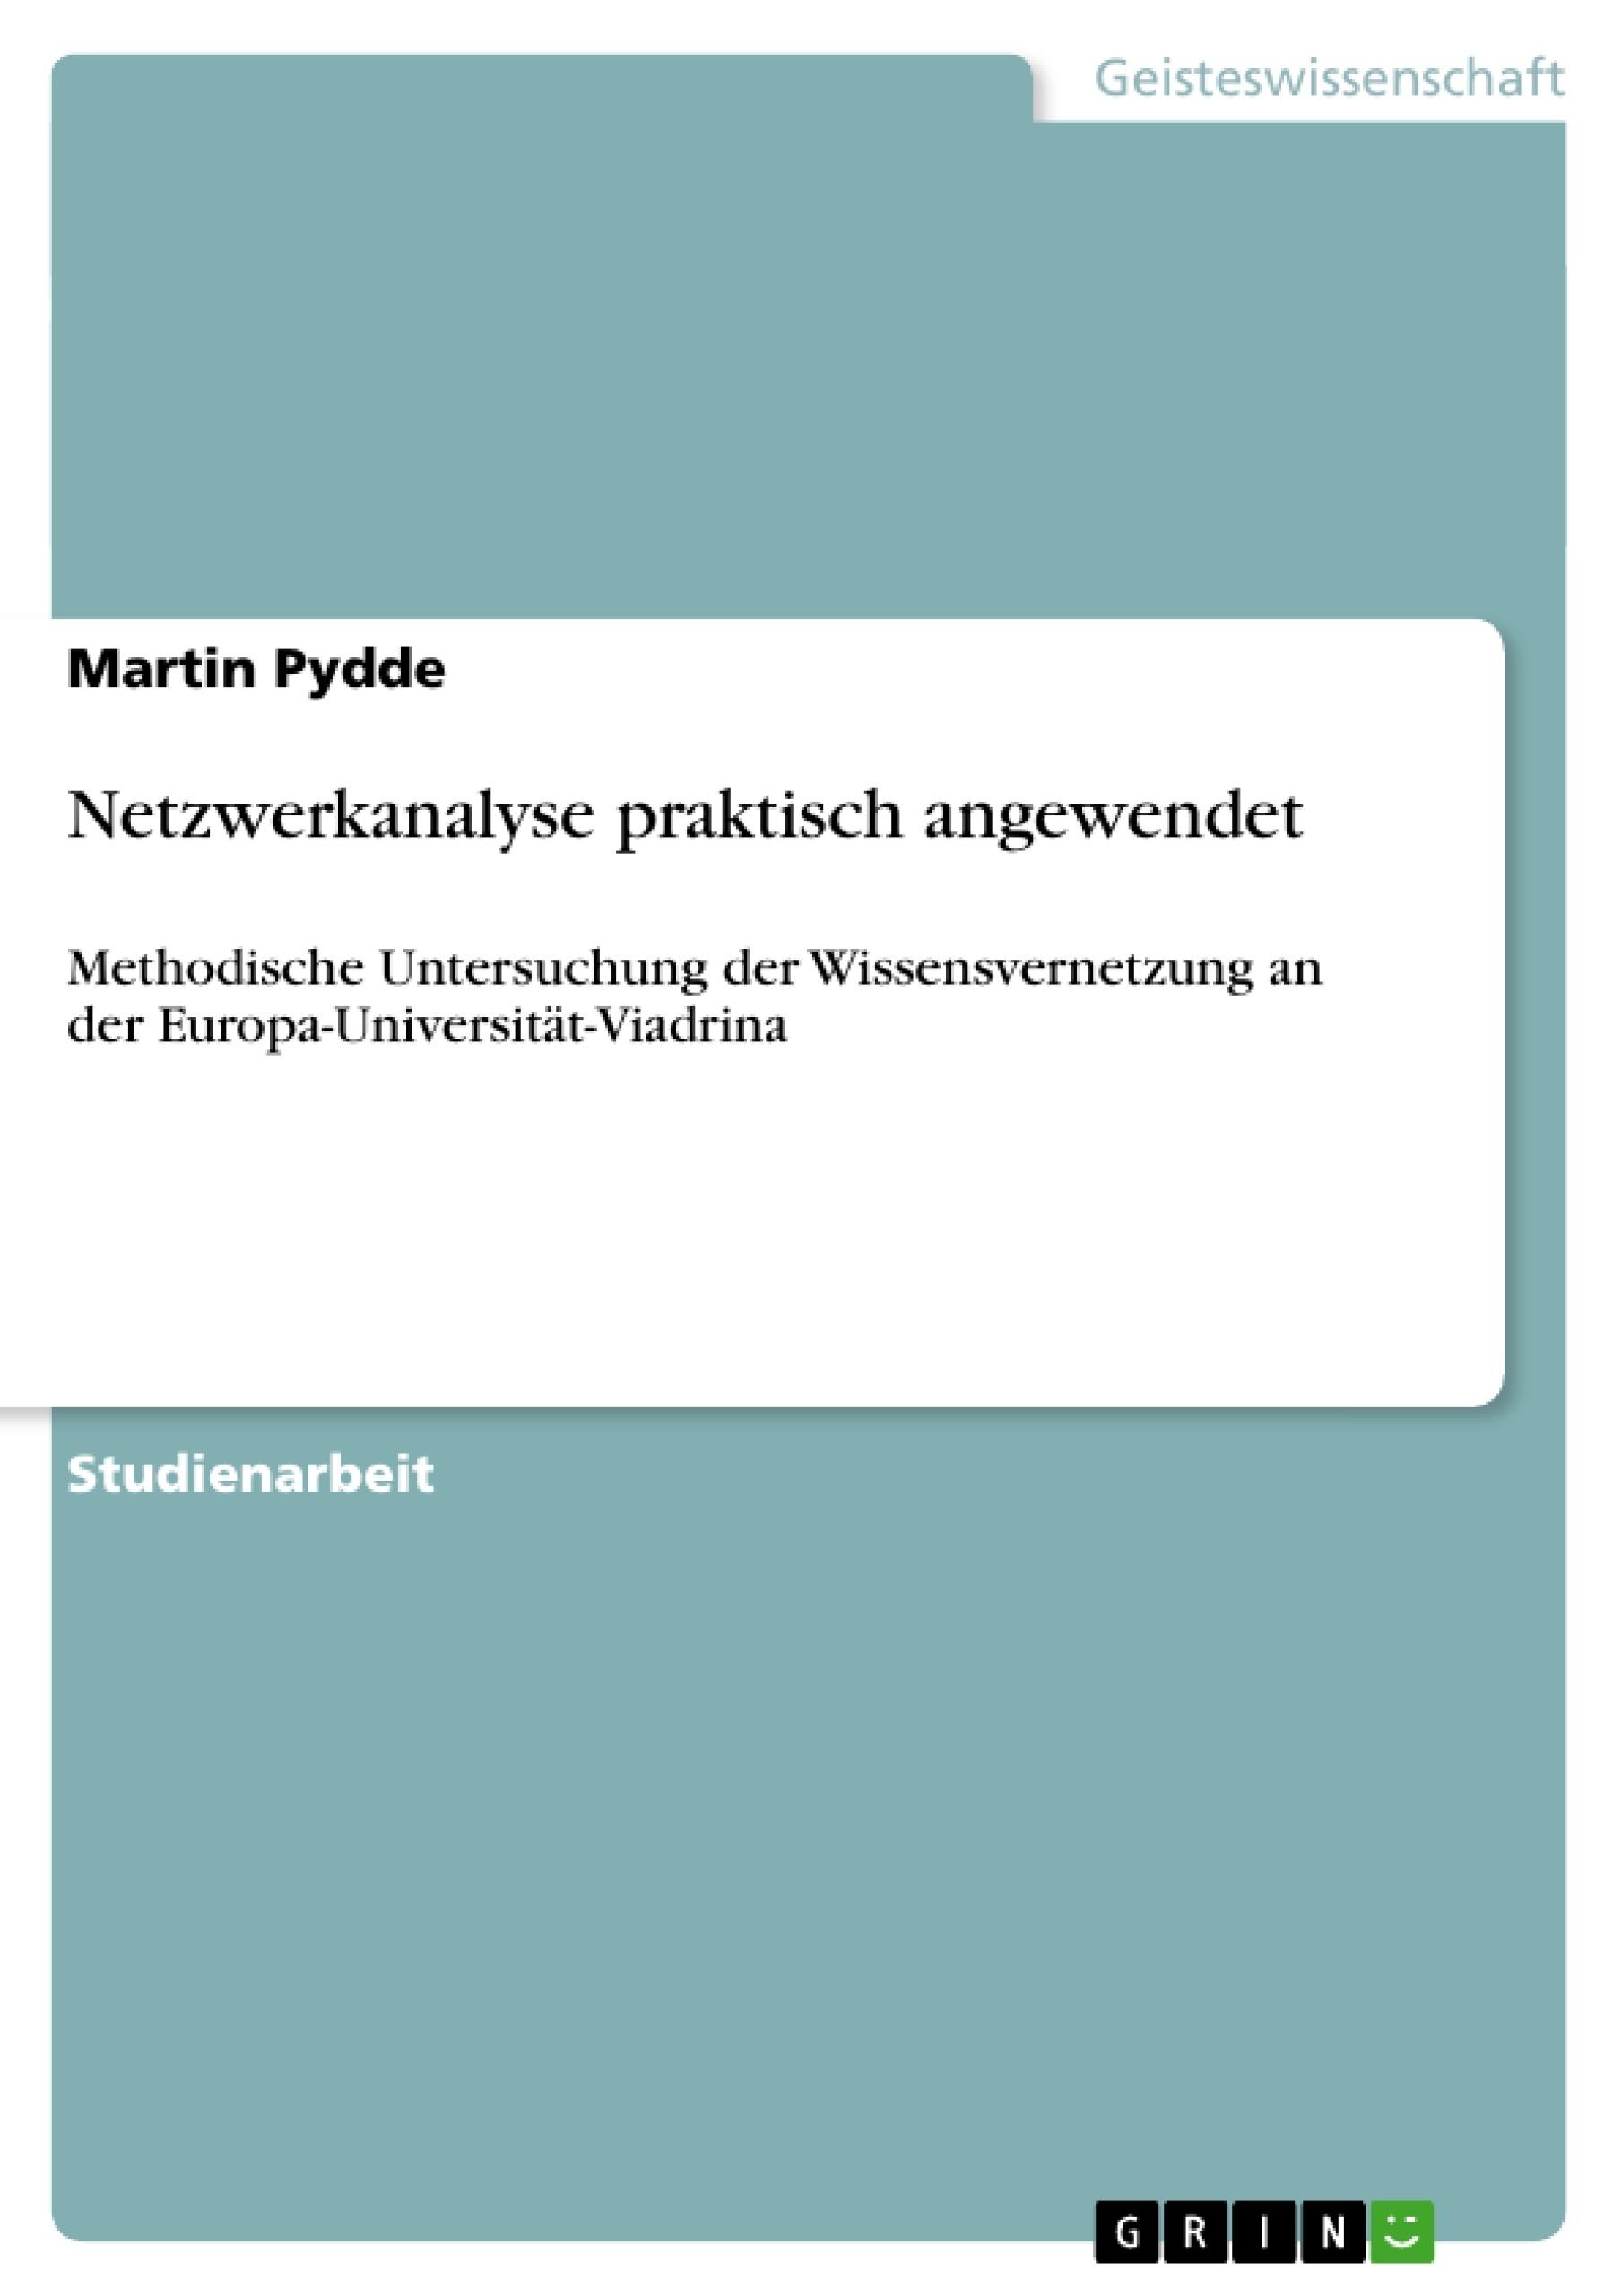 Titel: Netzwerkanalyse praktisch angewendet